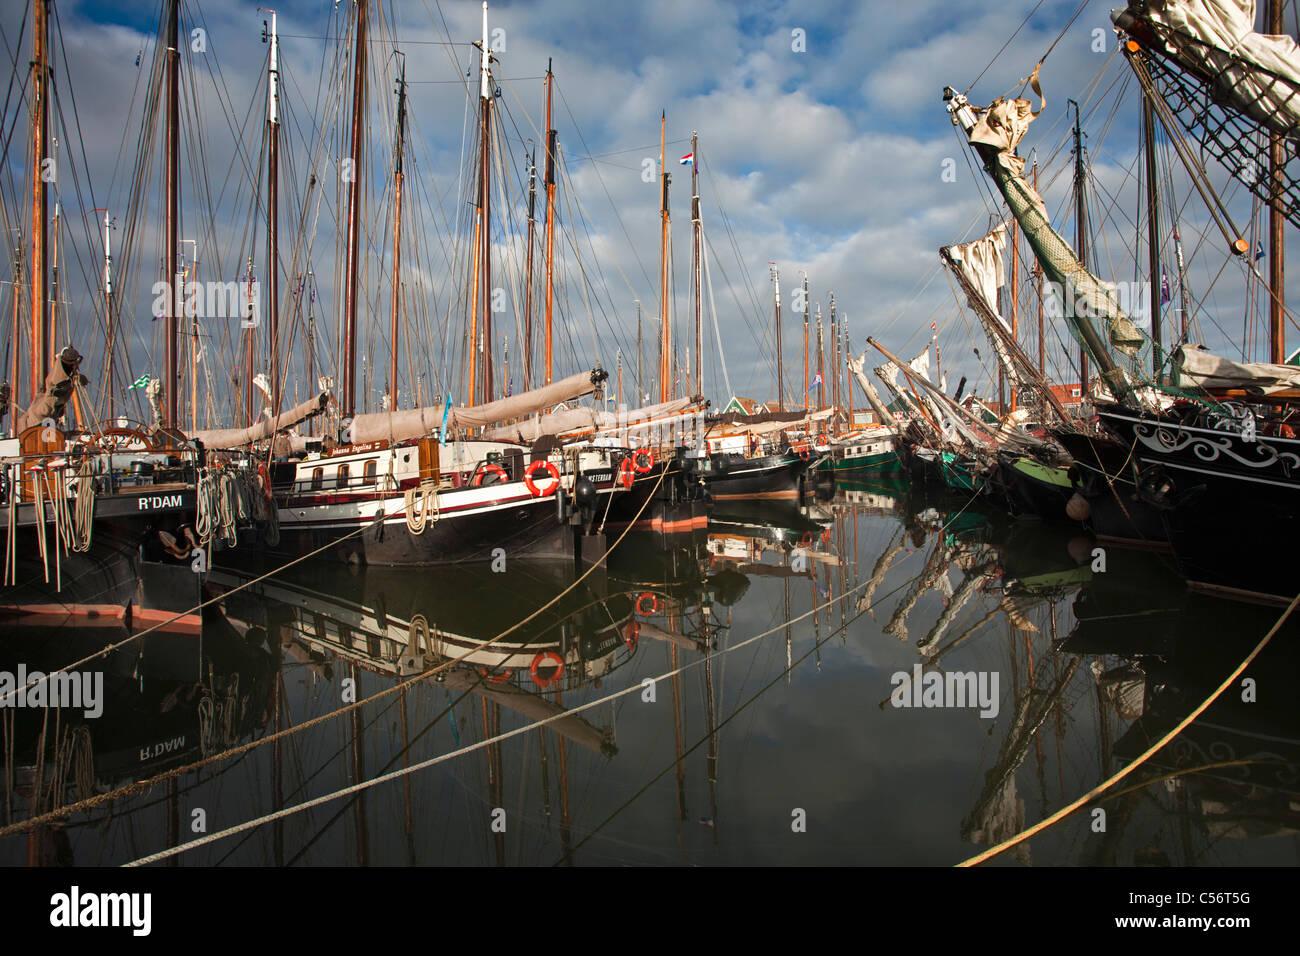 Los Países Bajos, Volendam, tradicionales barcos de vela en el puerto. Imagen De Stock